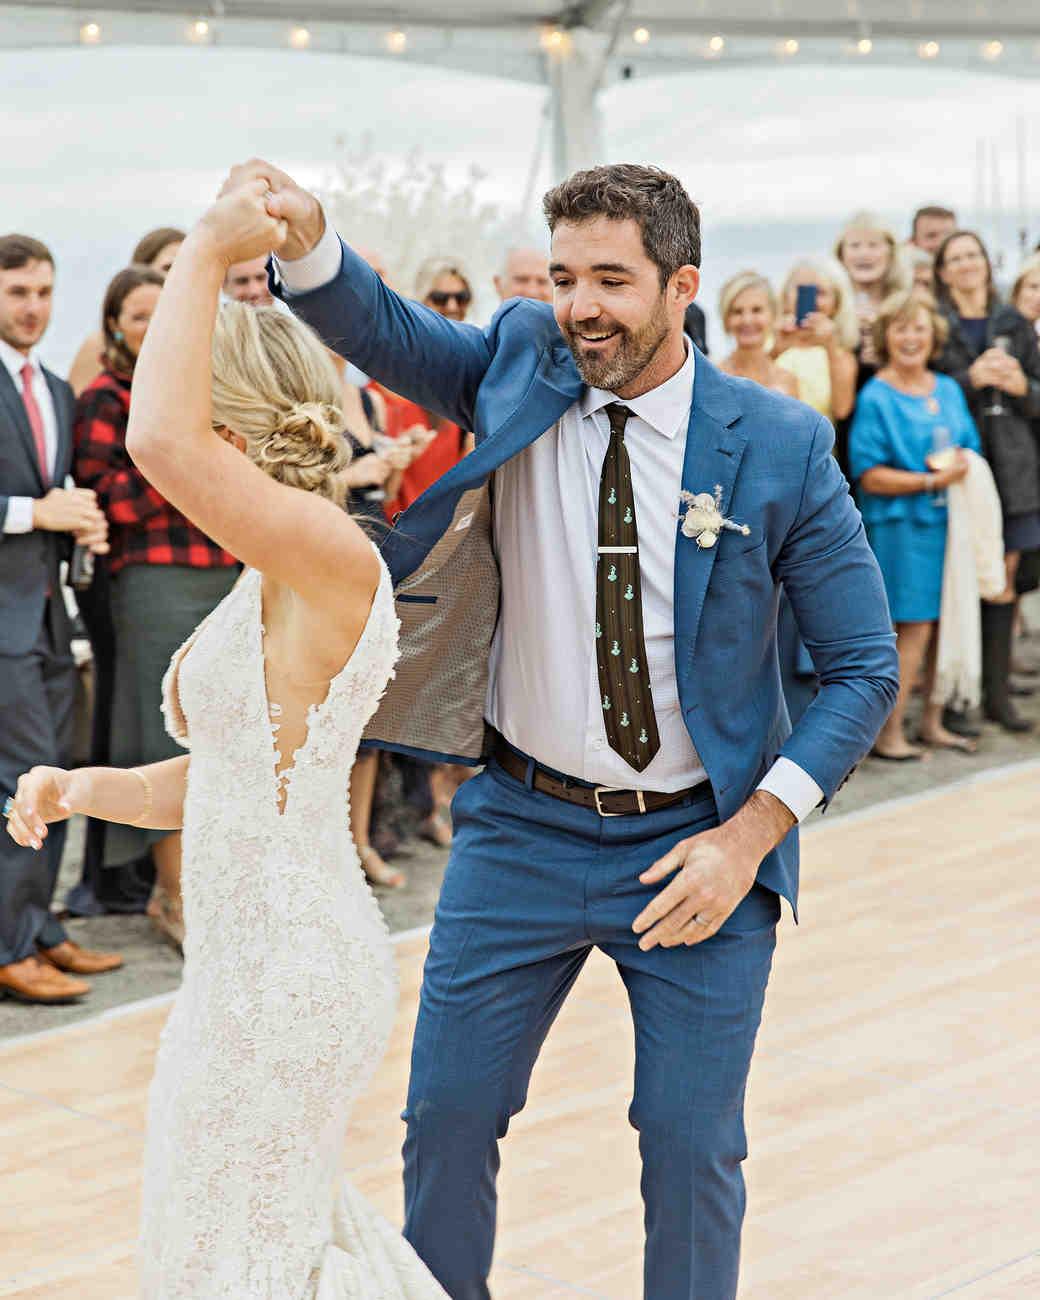 kaitlin dan wedding first dance